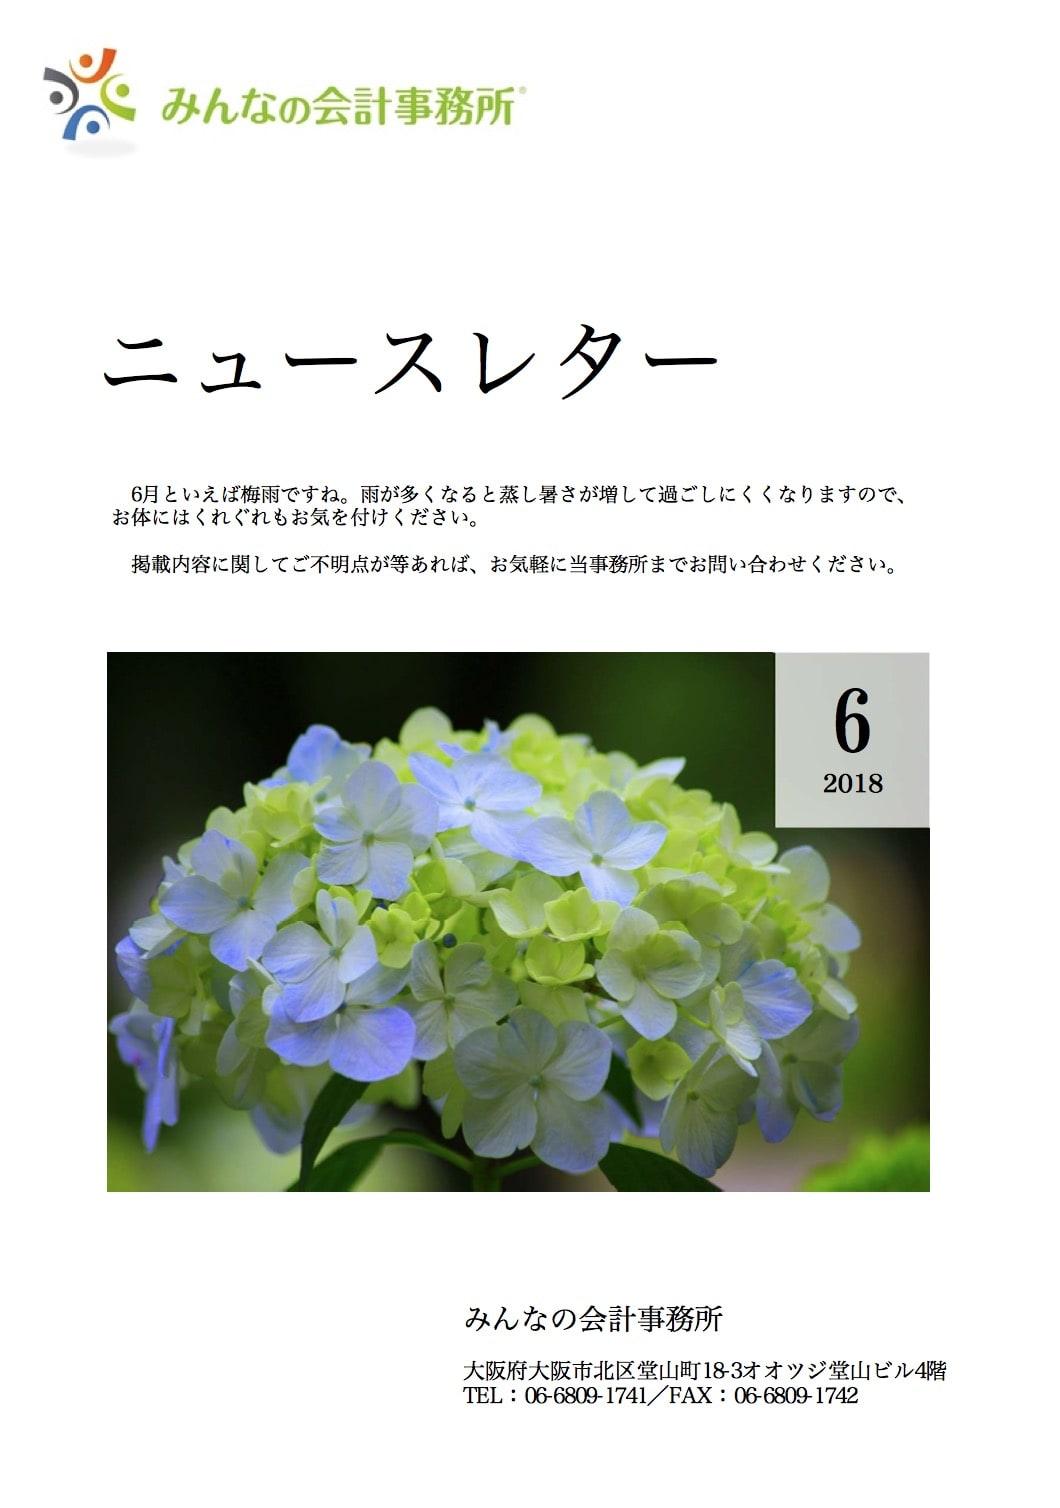 ニュースレター見本(PDF)